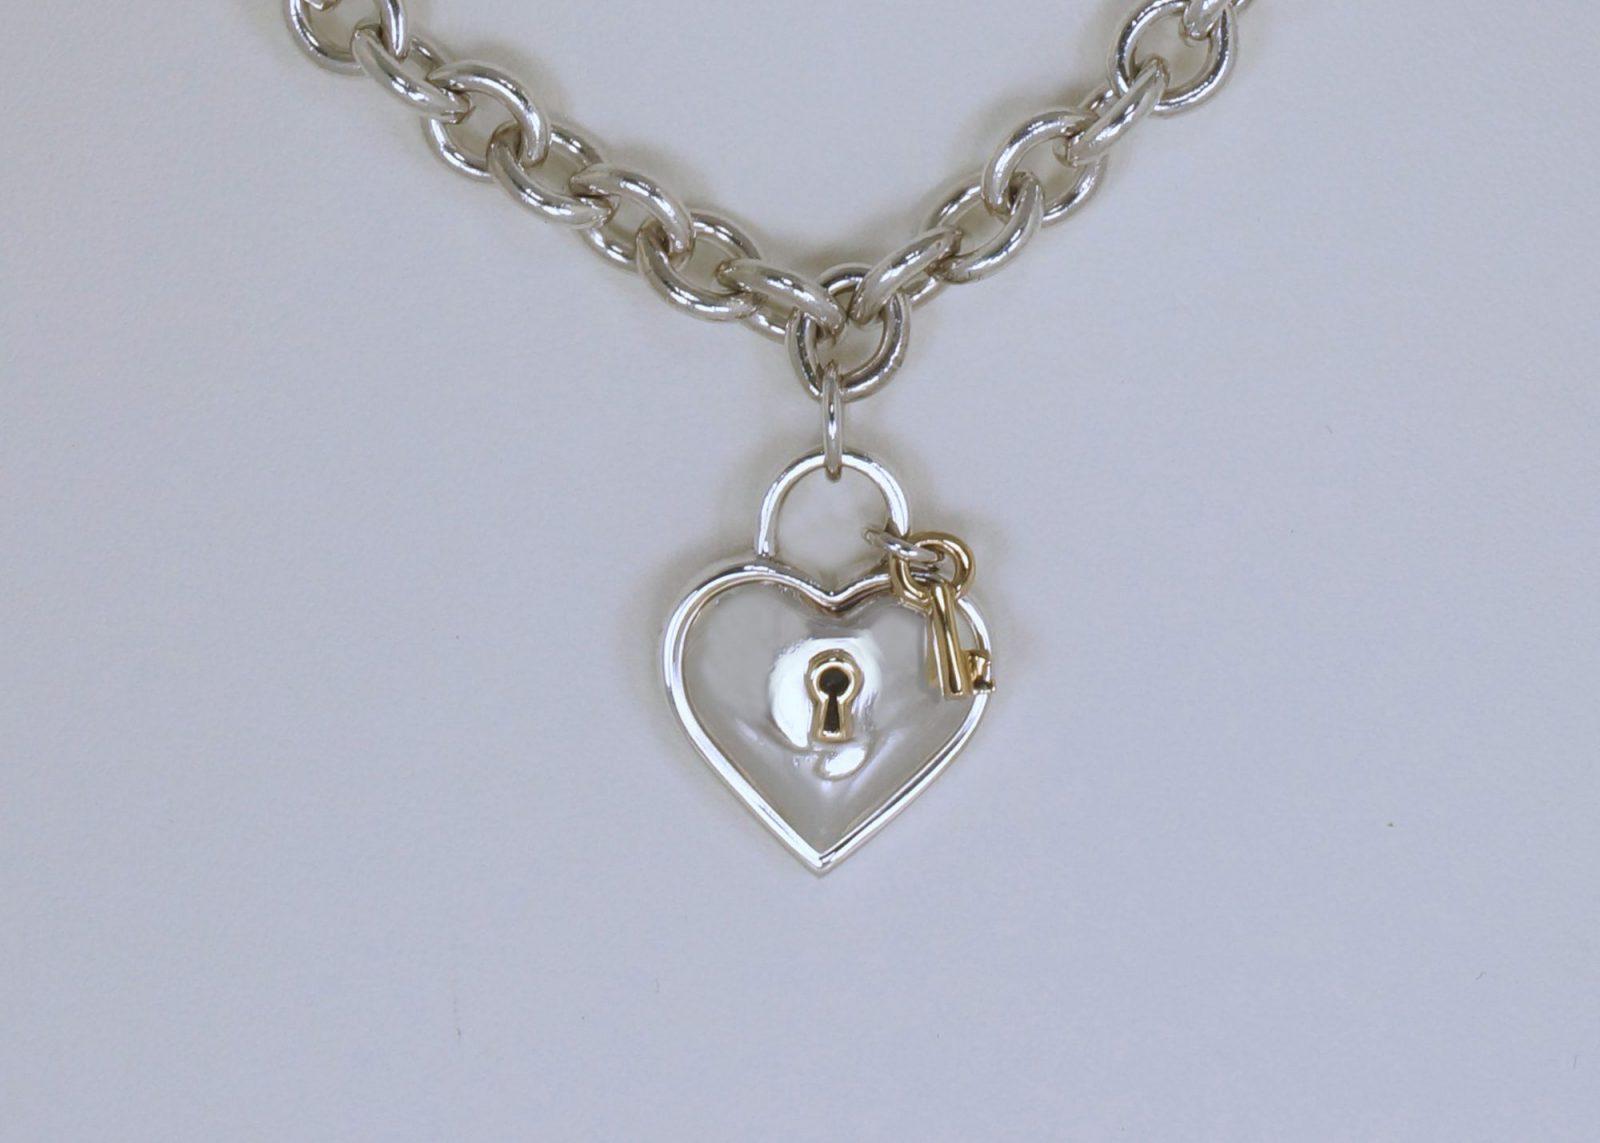 Tiffany padlock necklace with key